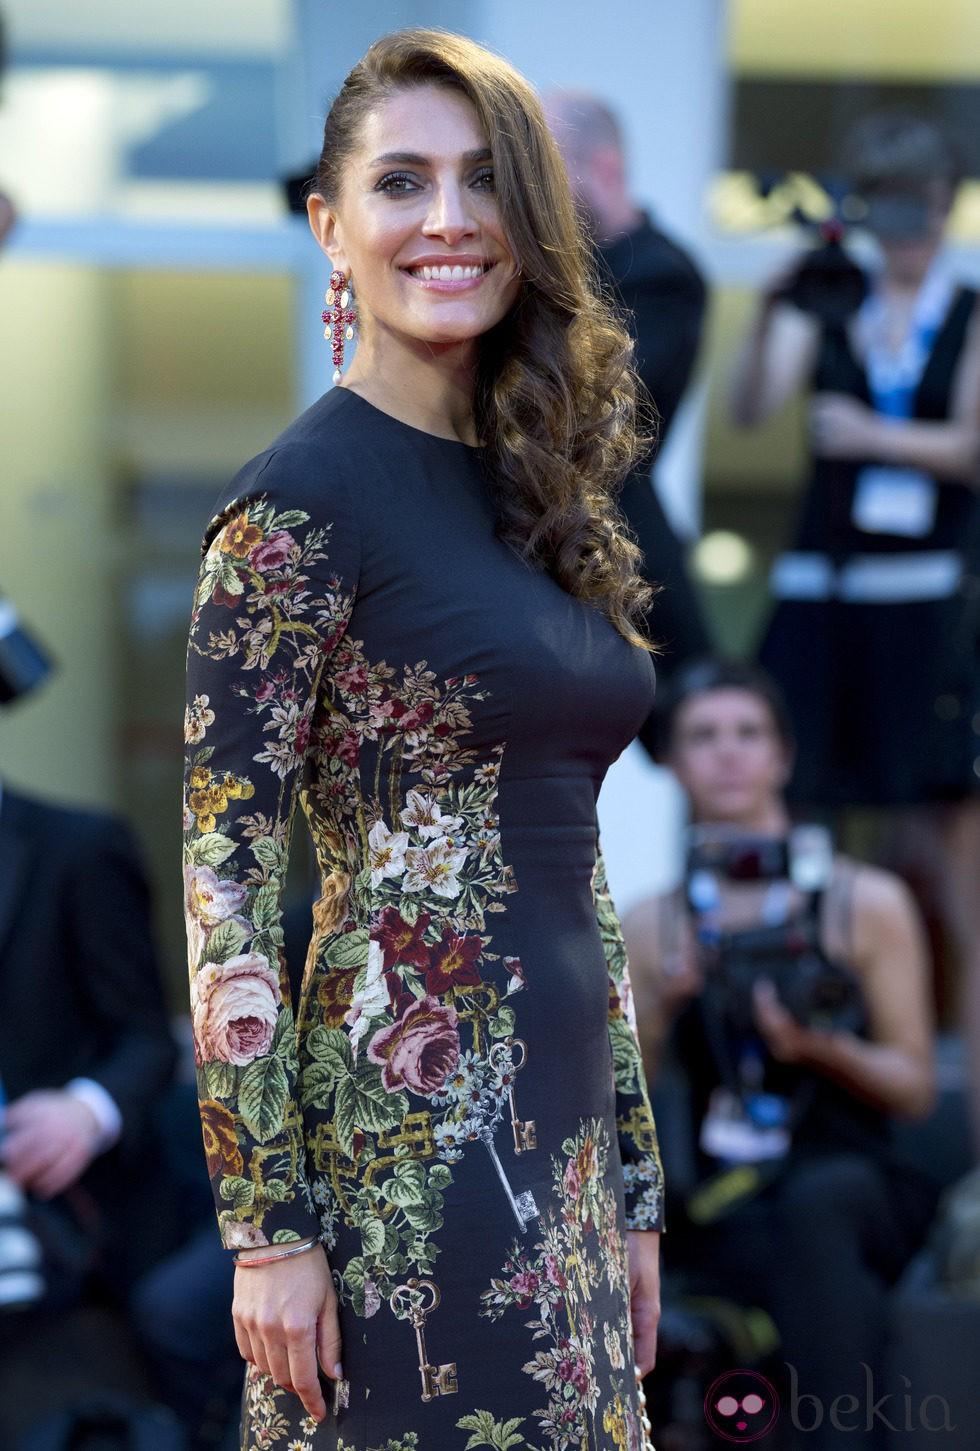 Caterina Murino en la presentación de 'Hungry Hearts' en el Festival de Venecia 2014